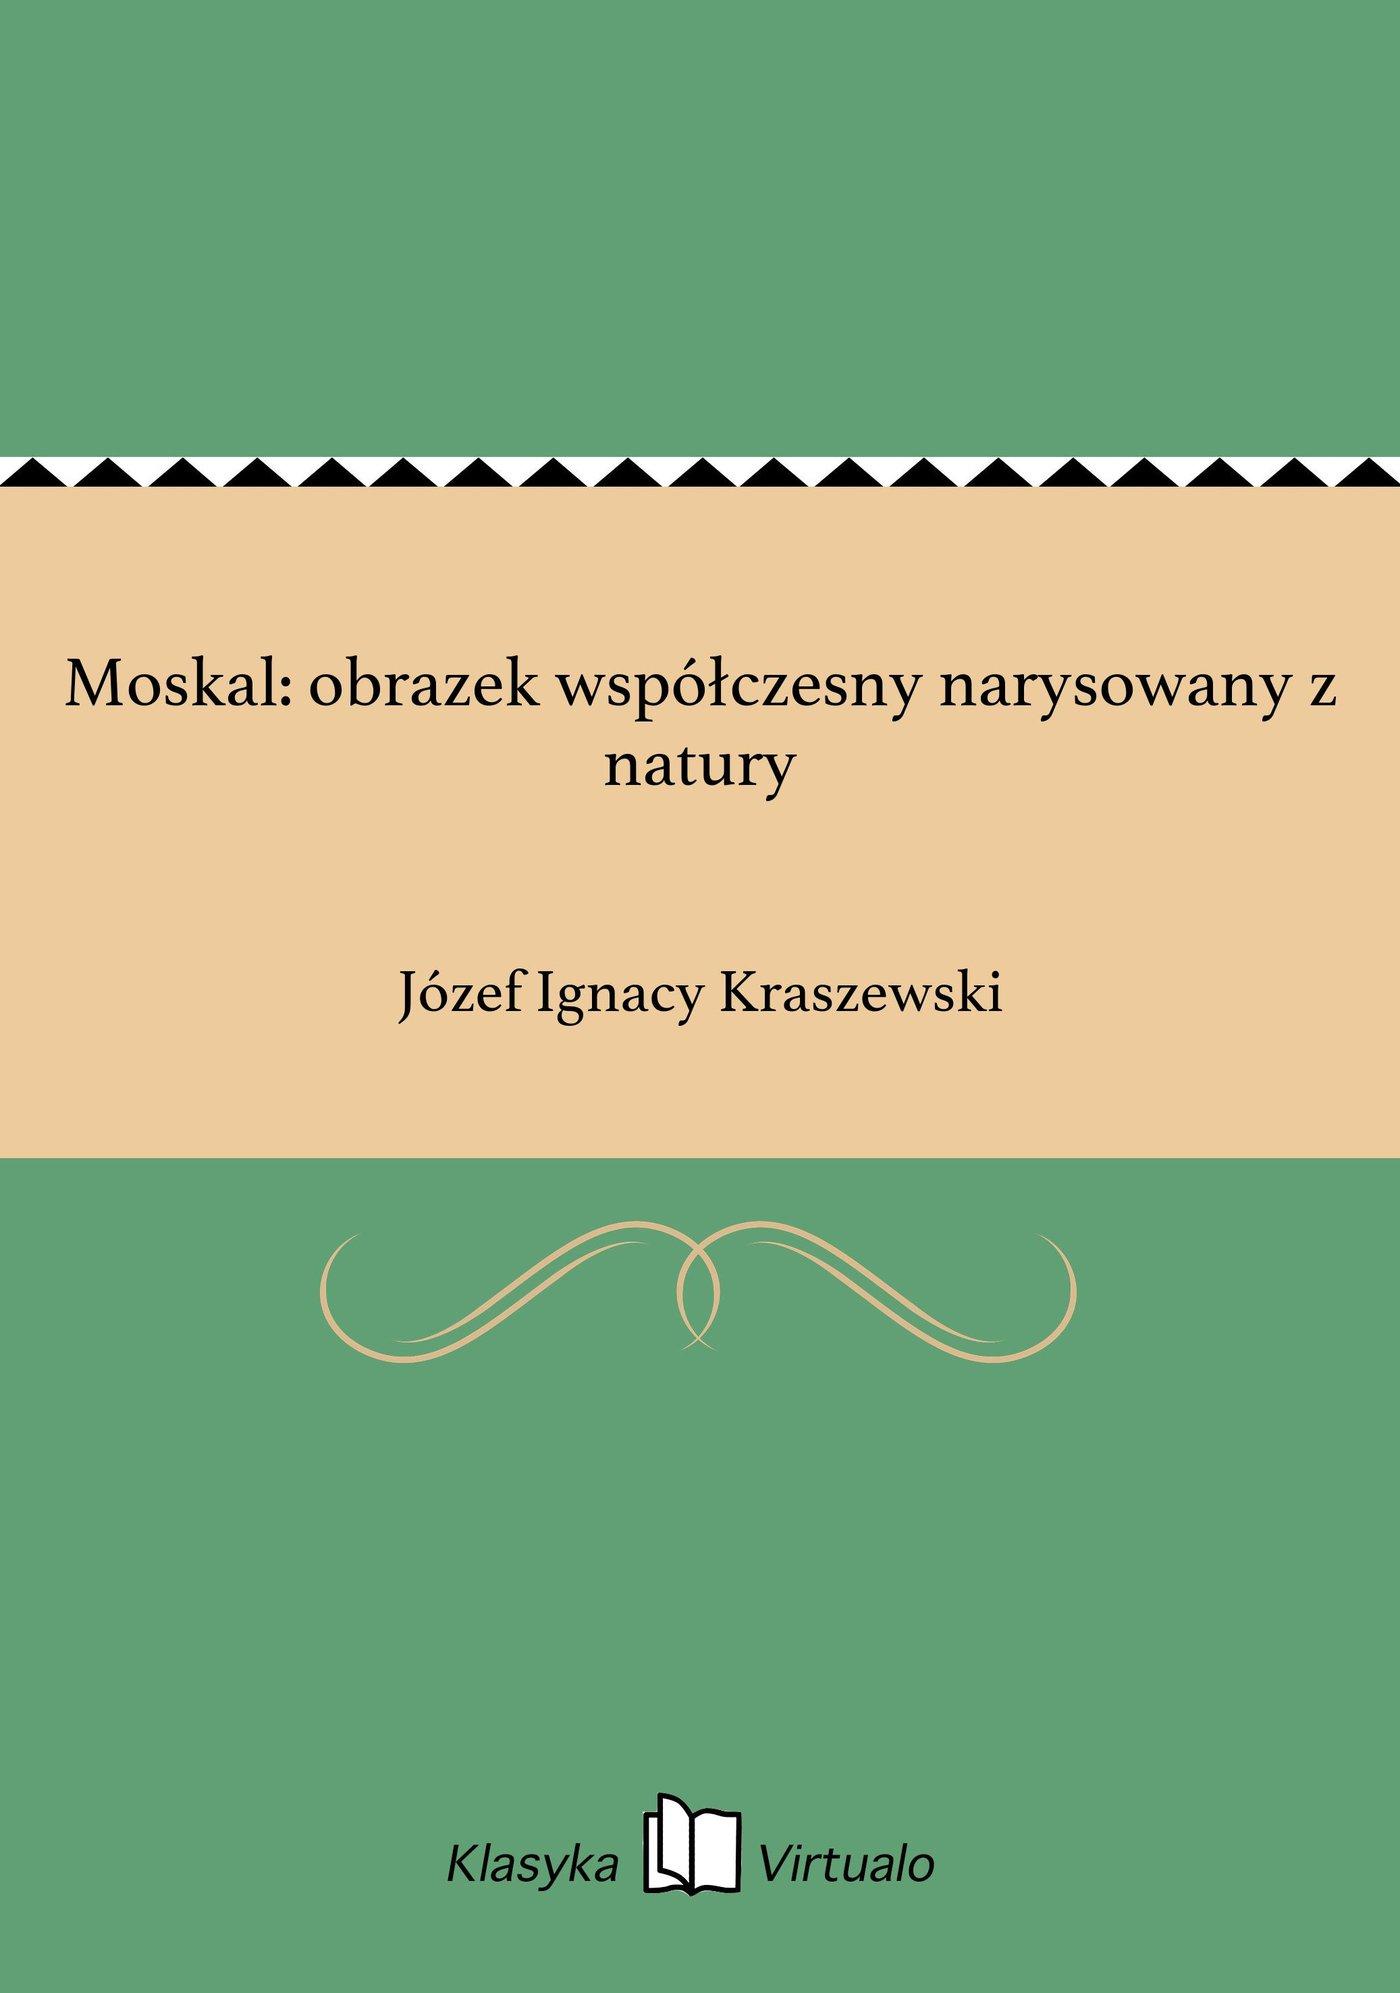 Moskal: obrazek współczesny narysowany z natury - Ebook (Książka EPUB) do pobrania w formacie EPUB